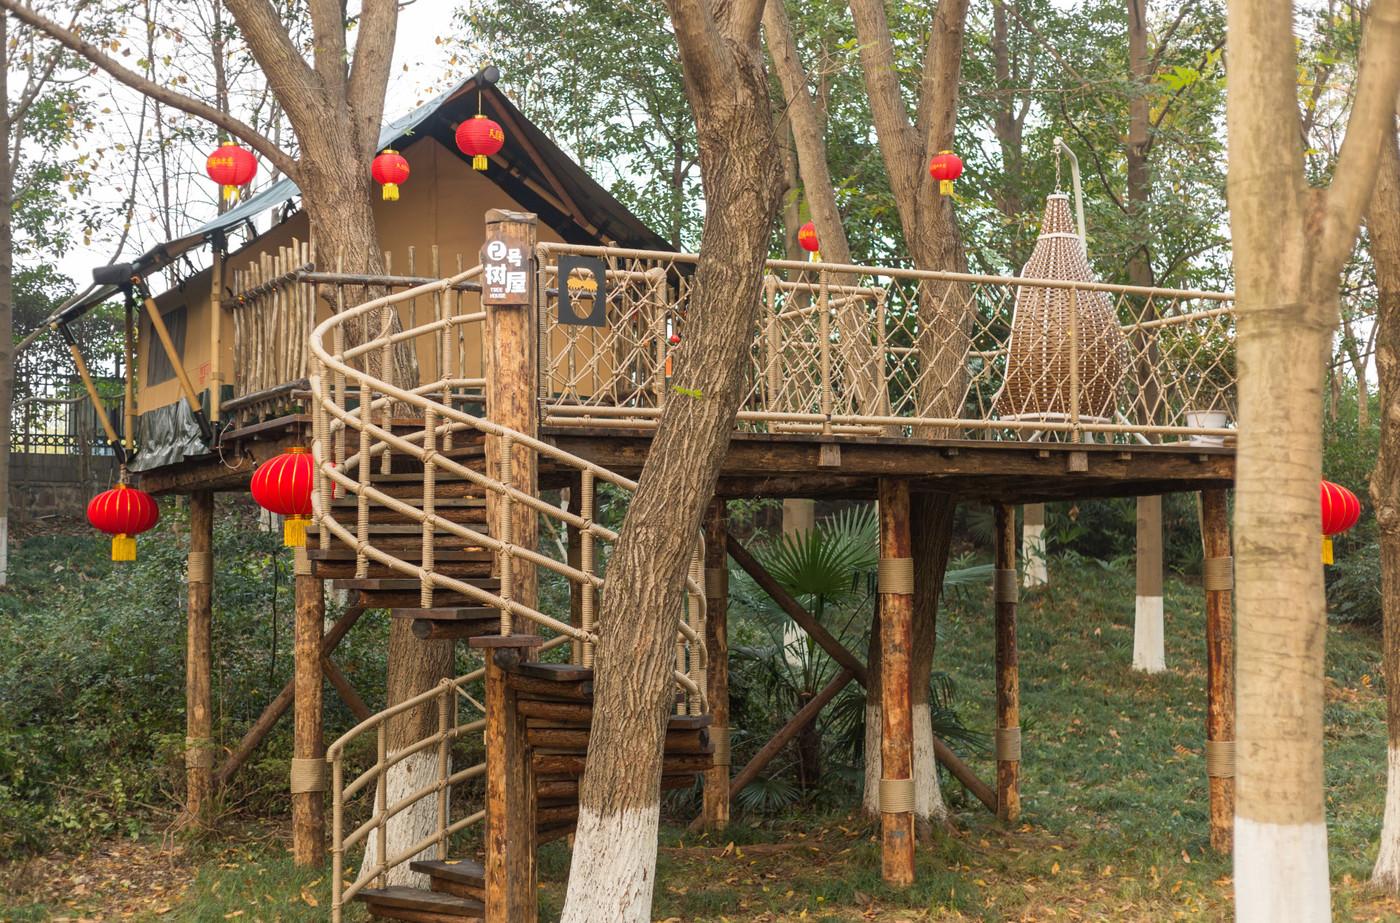 喜马拉雅野奢帐篷酒店—江苏常州天目湖树屋帐篷酒店2